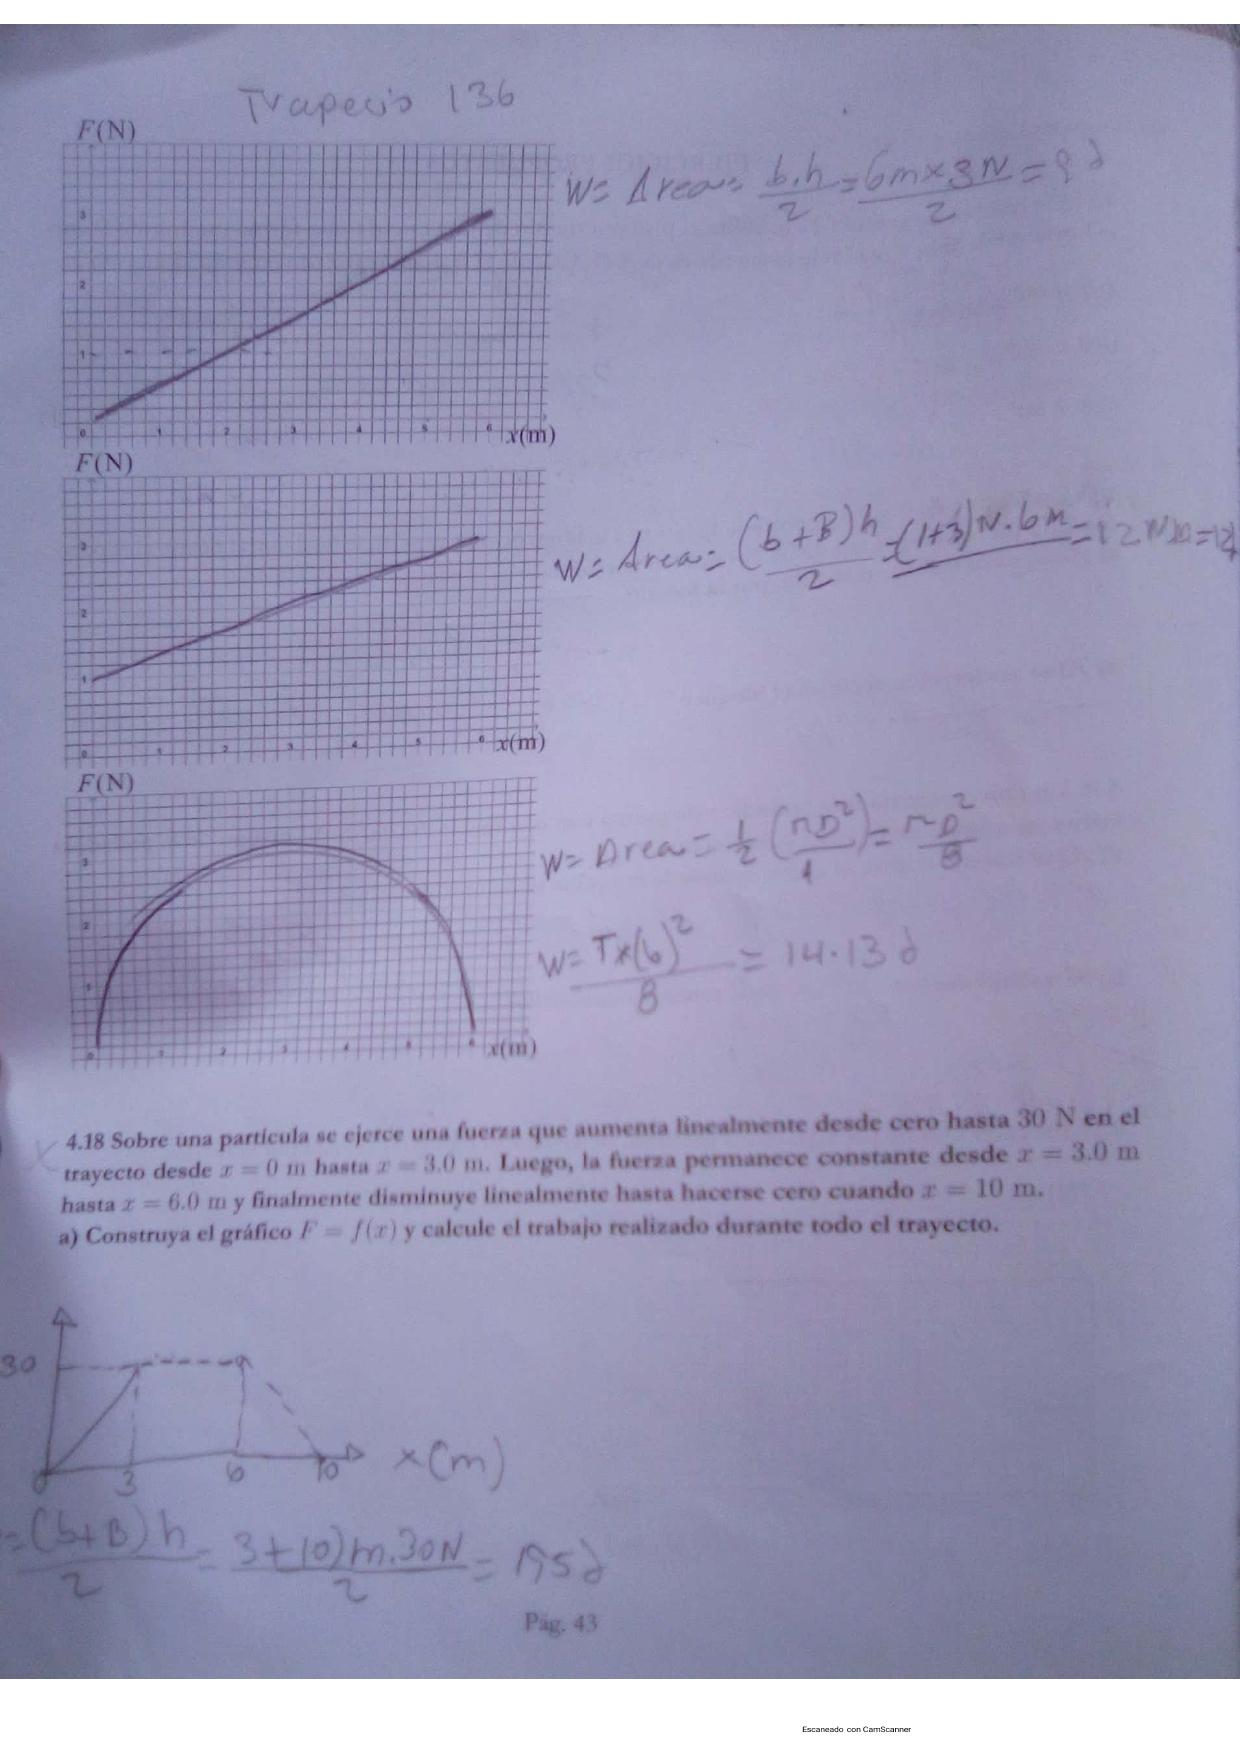 cuaderno-de-trabajo-f-sica-b-sica-page-0042